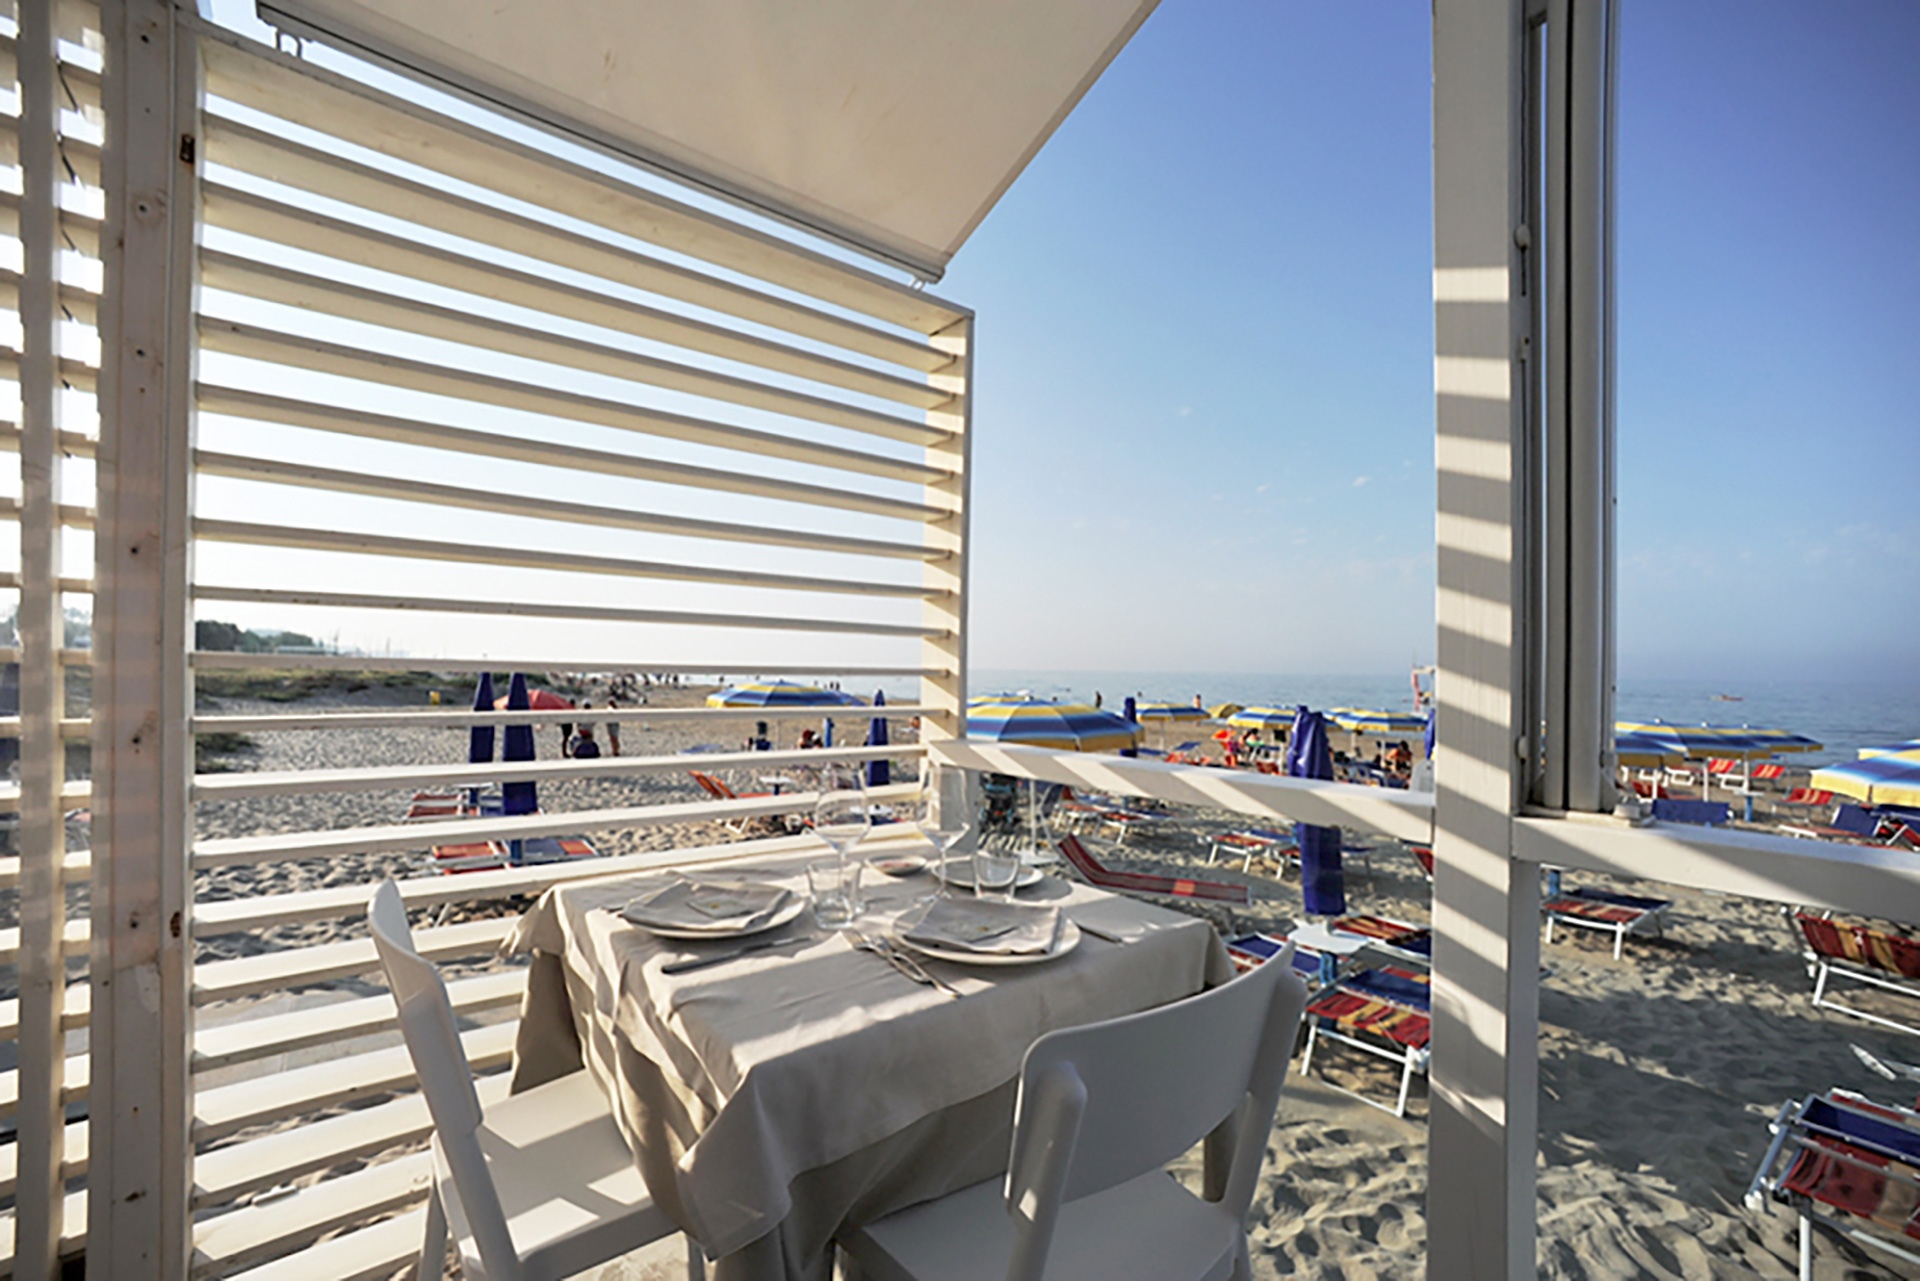 ristorante da ciccio. vista sul mare dalla terrazza sulla spiaggia.